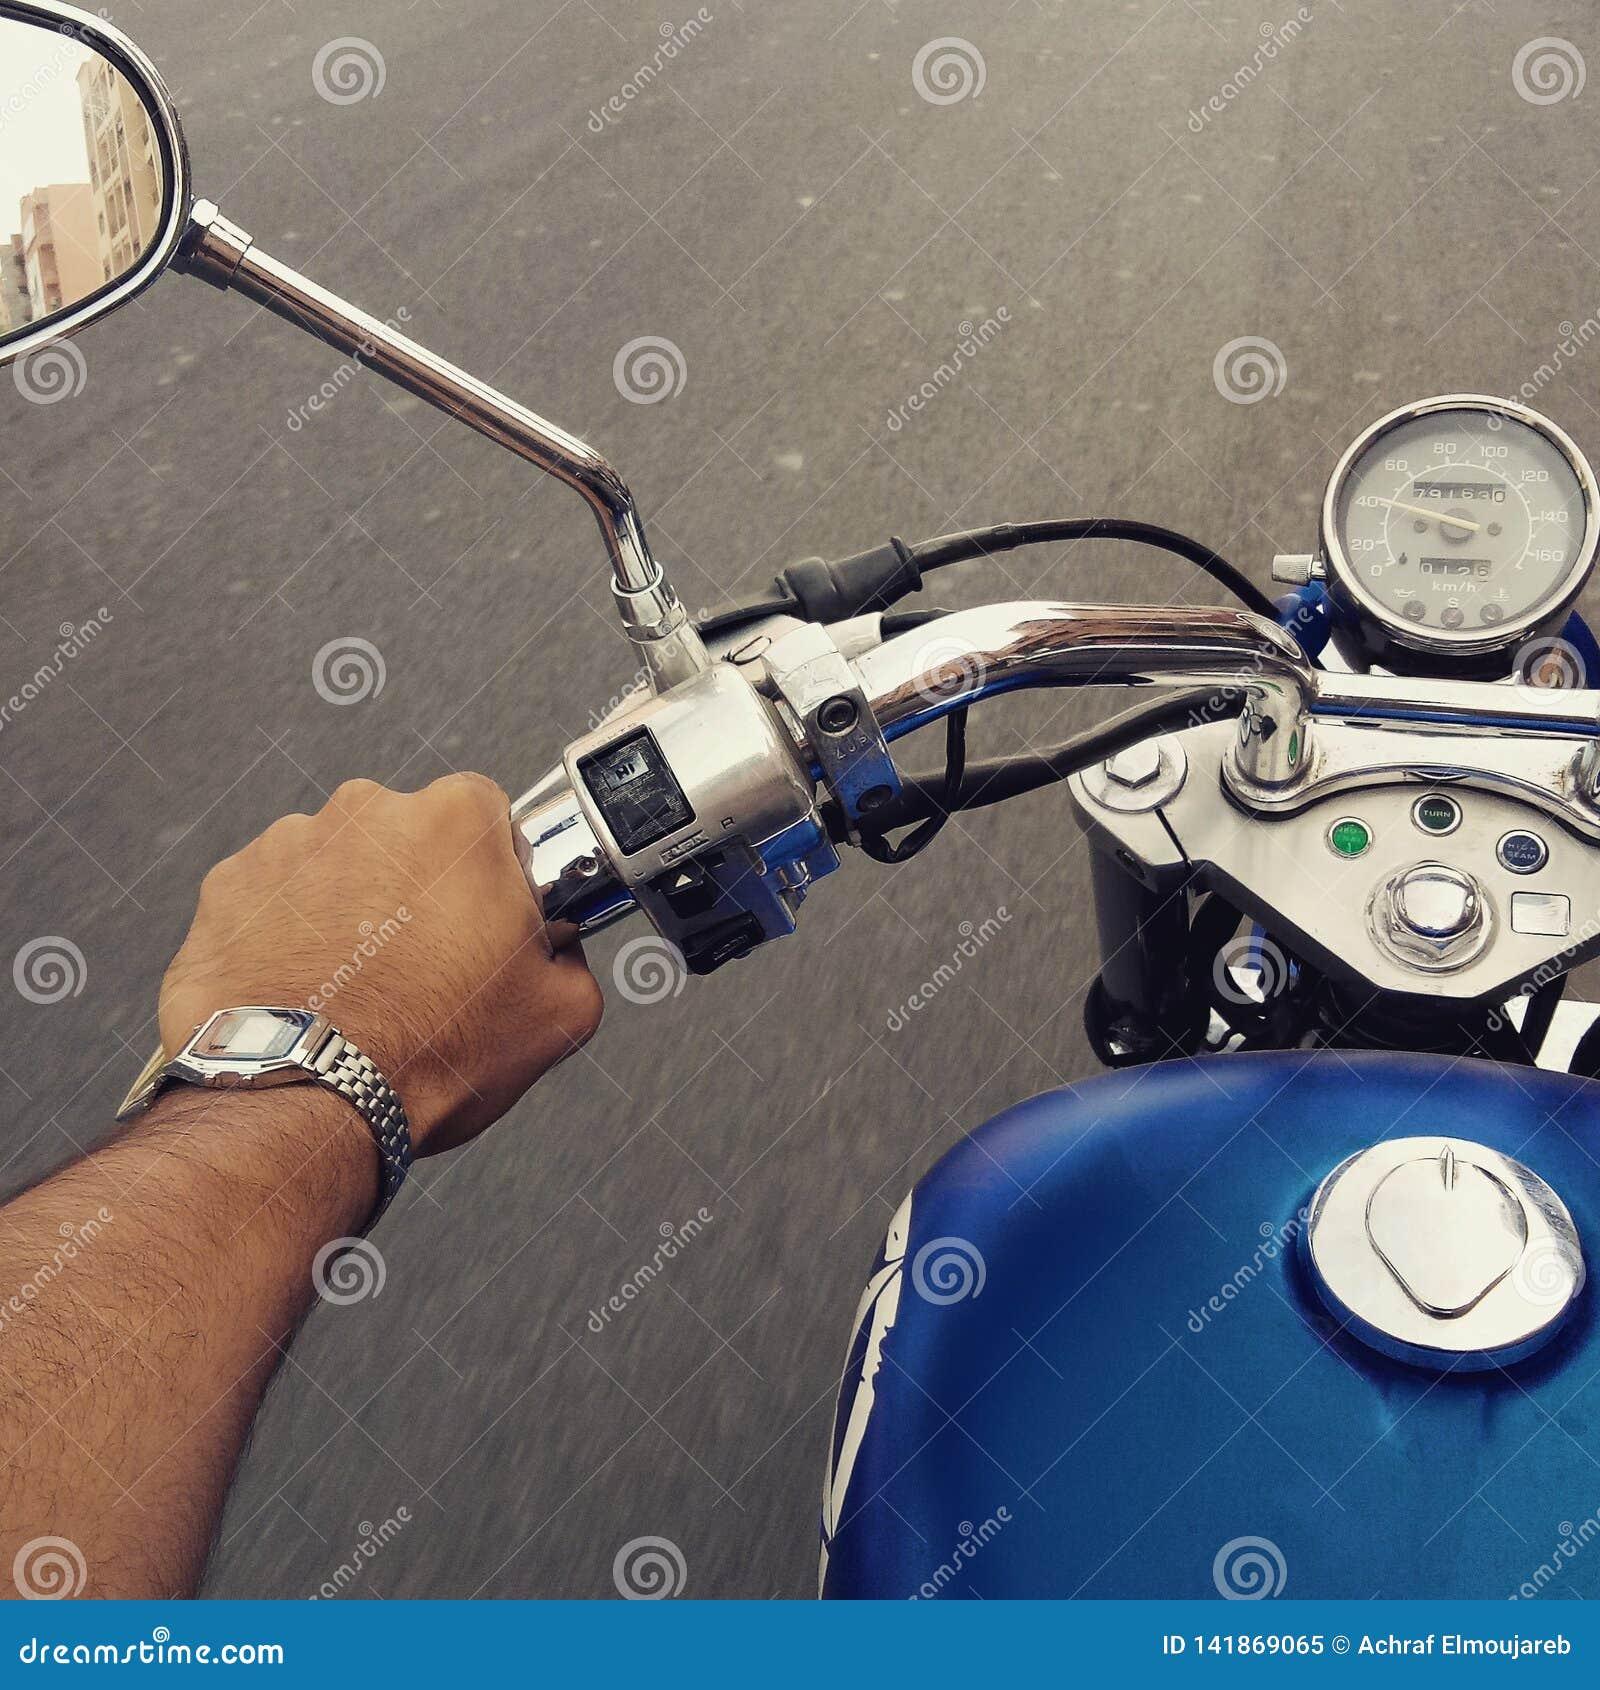 乘坐的motocycle本田阴影harley戴维森摩洛哥马拉喀什旅游业蓝色手表casio